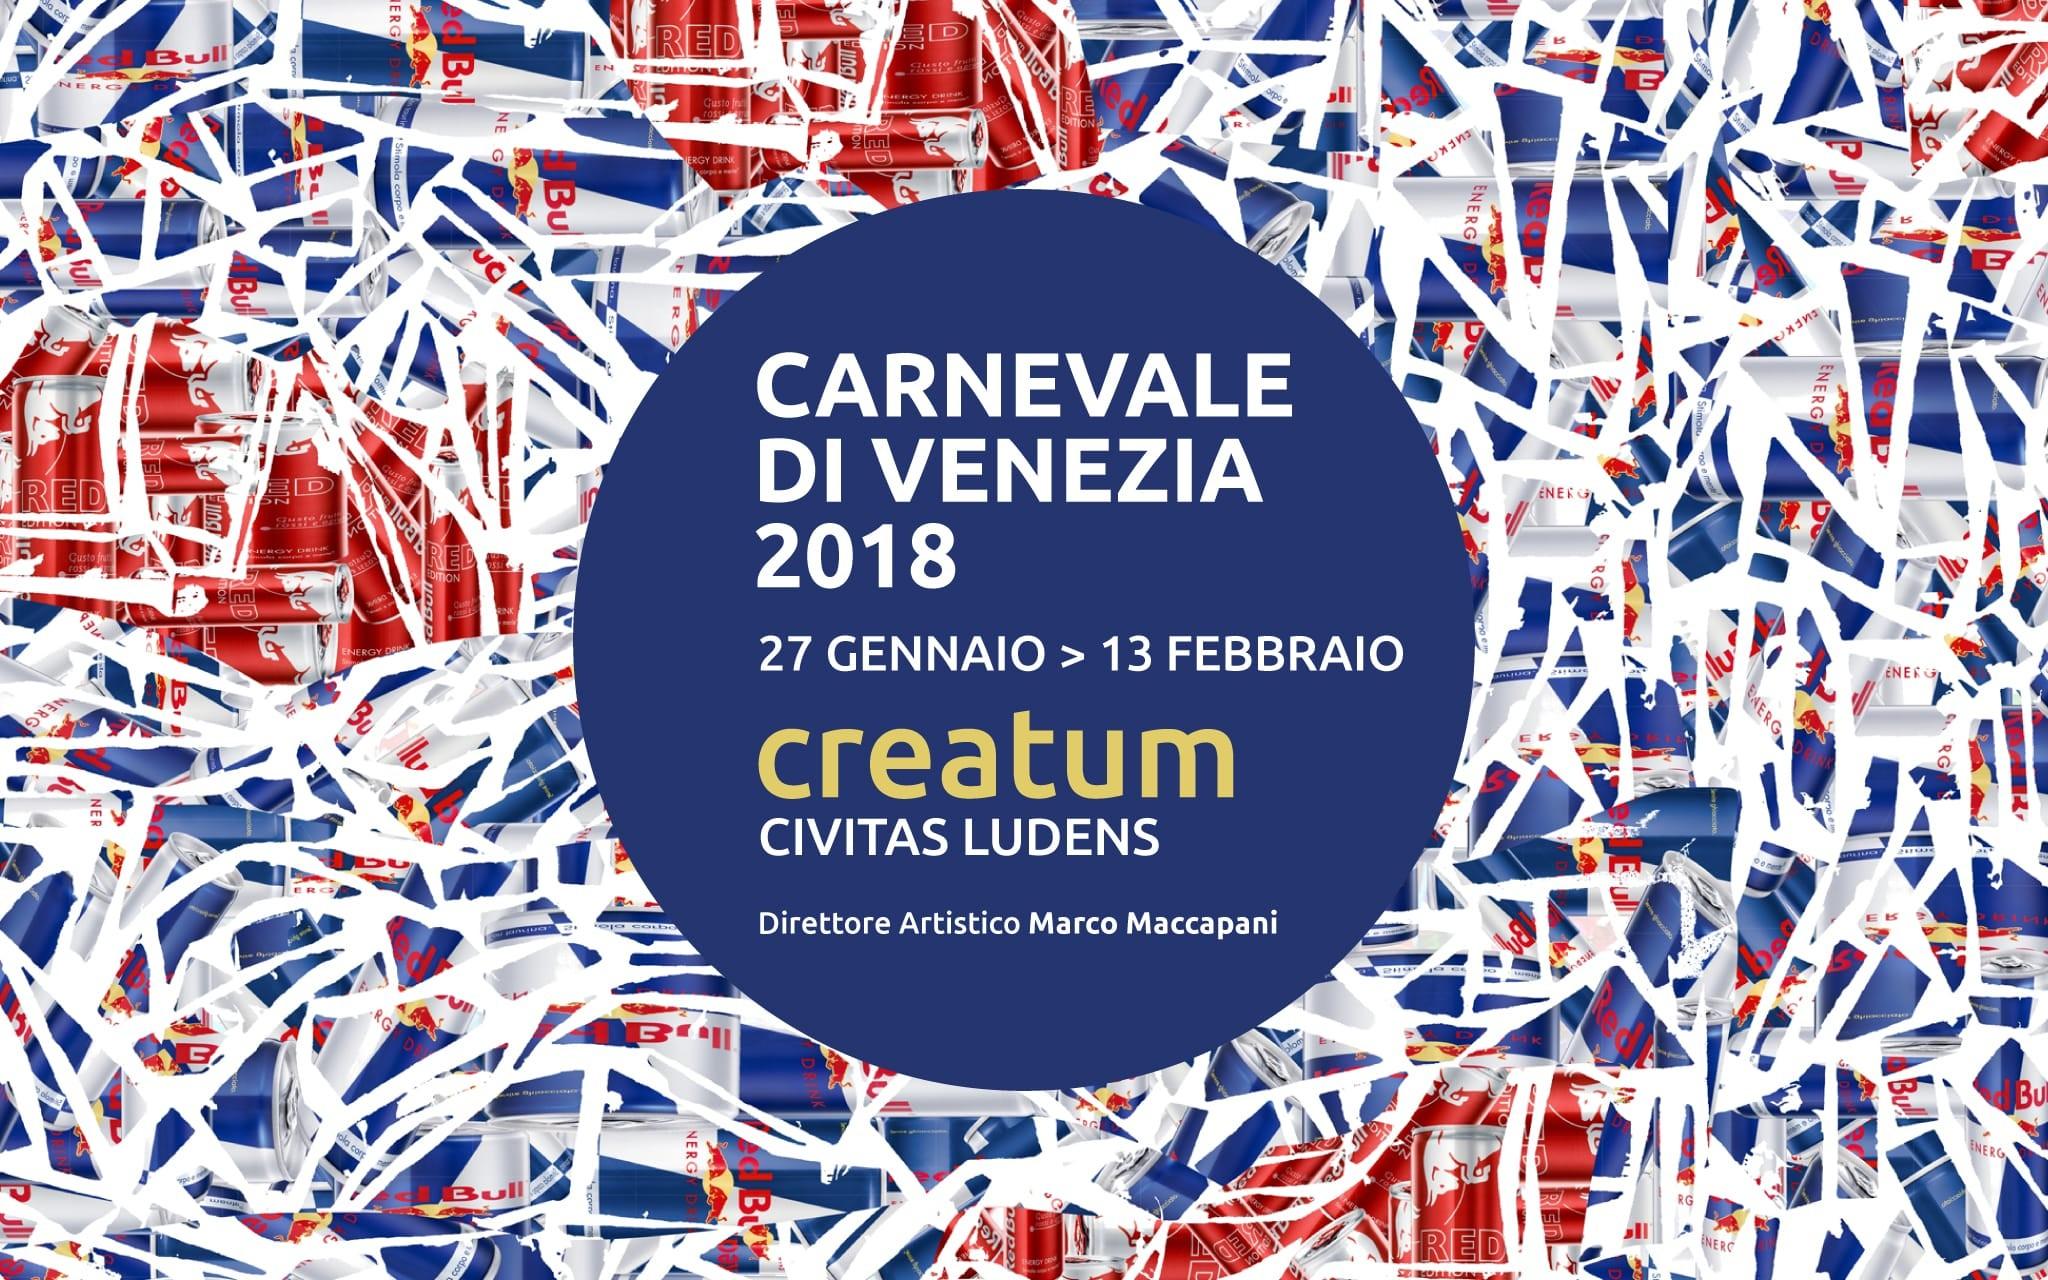 Calendario Gennaio 2019 Con Festività Más Recientes Home Carnevale Di Venezia 2019 Sito Ufficiale Of Calendario Gennaio 2019 Con Festività Más Arriba-a-fecha Home